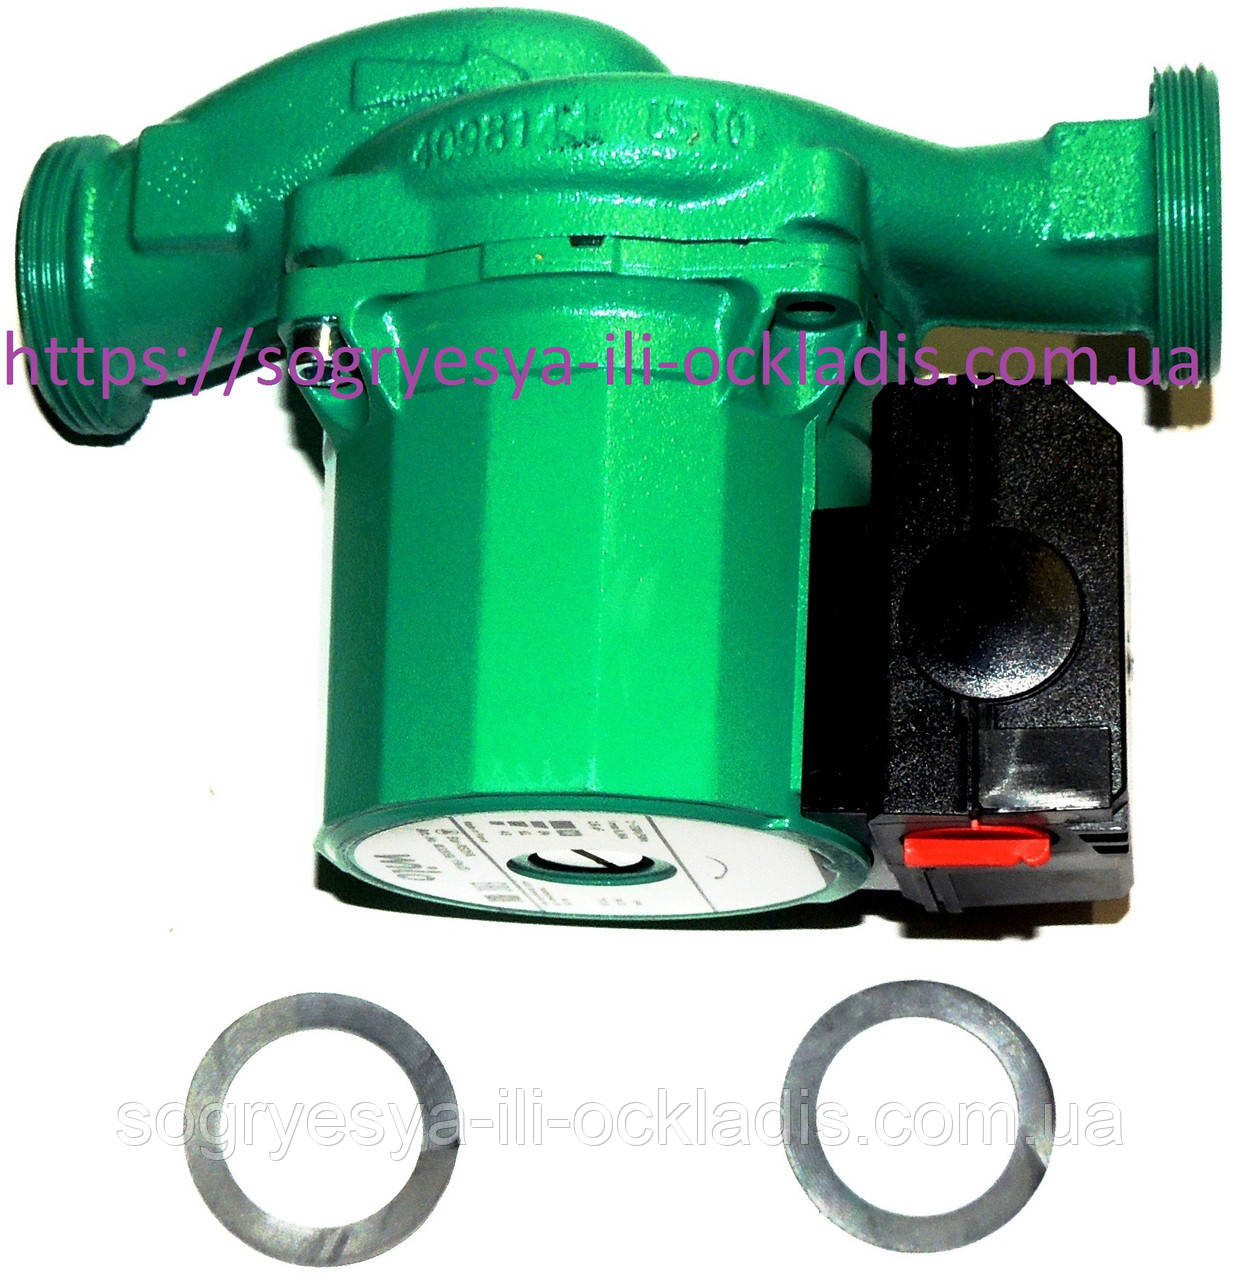 Насос Wilo RS 25/6 84 Вт. 68/21 мм зеленый в сборе (фир.уп, EU) Ariston, Baxi и др, арт.4032956, к.з.0247/2